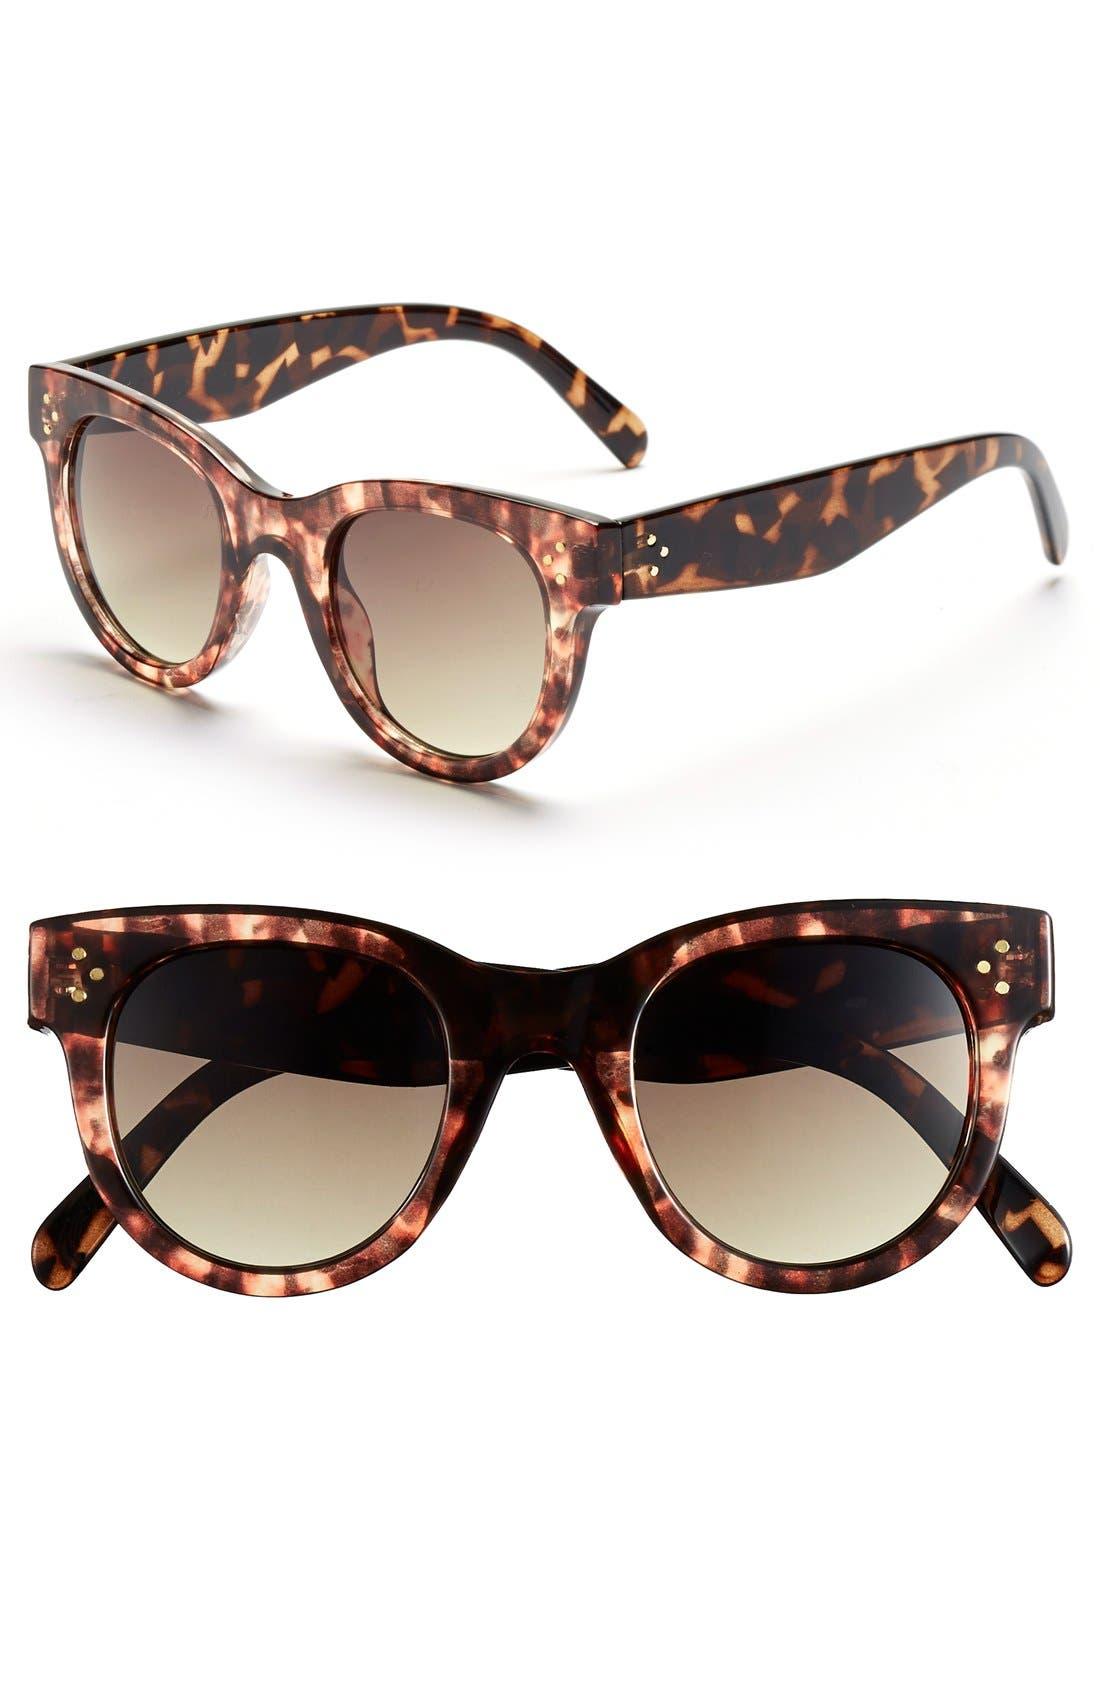 Main Image - BP. 45mm Round Sunglasses